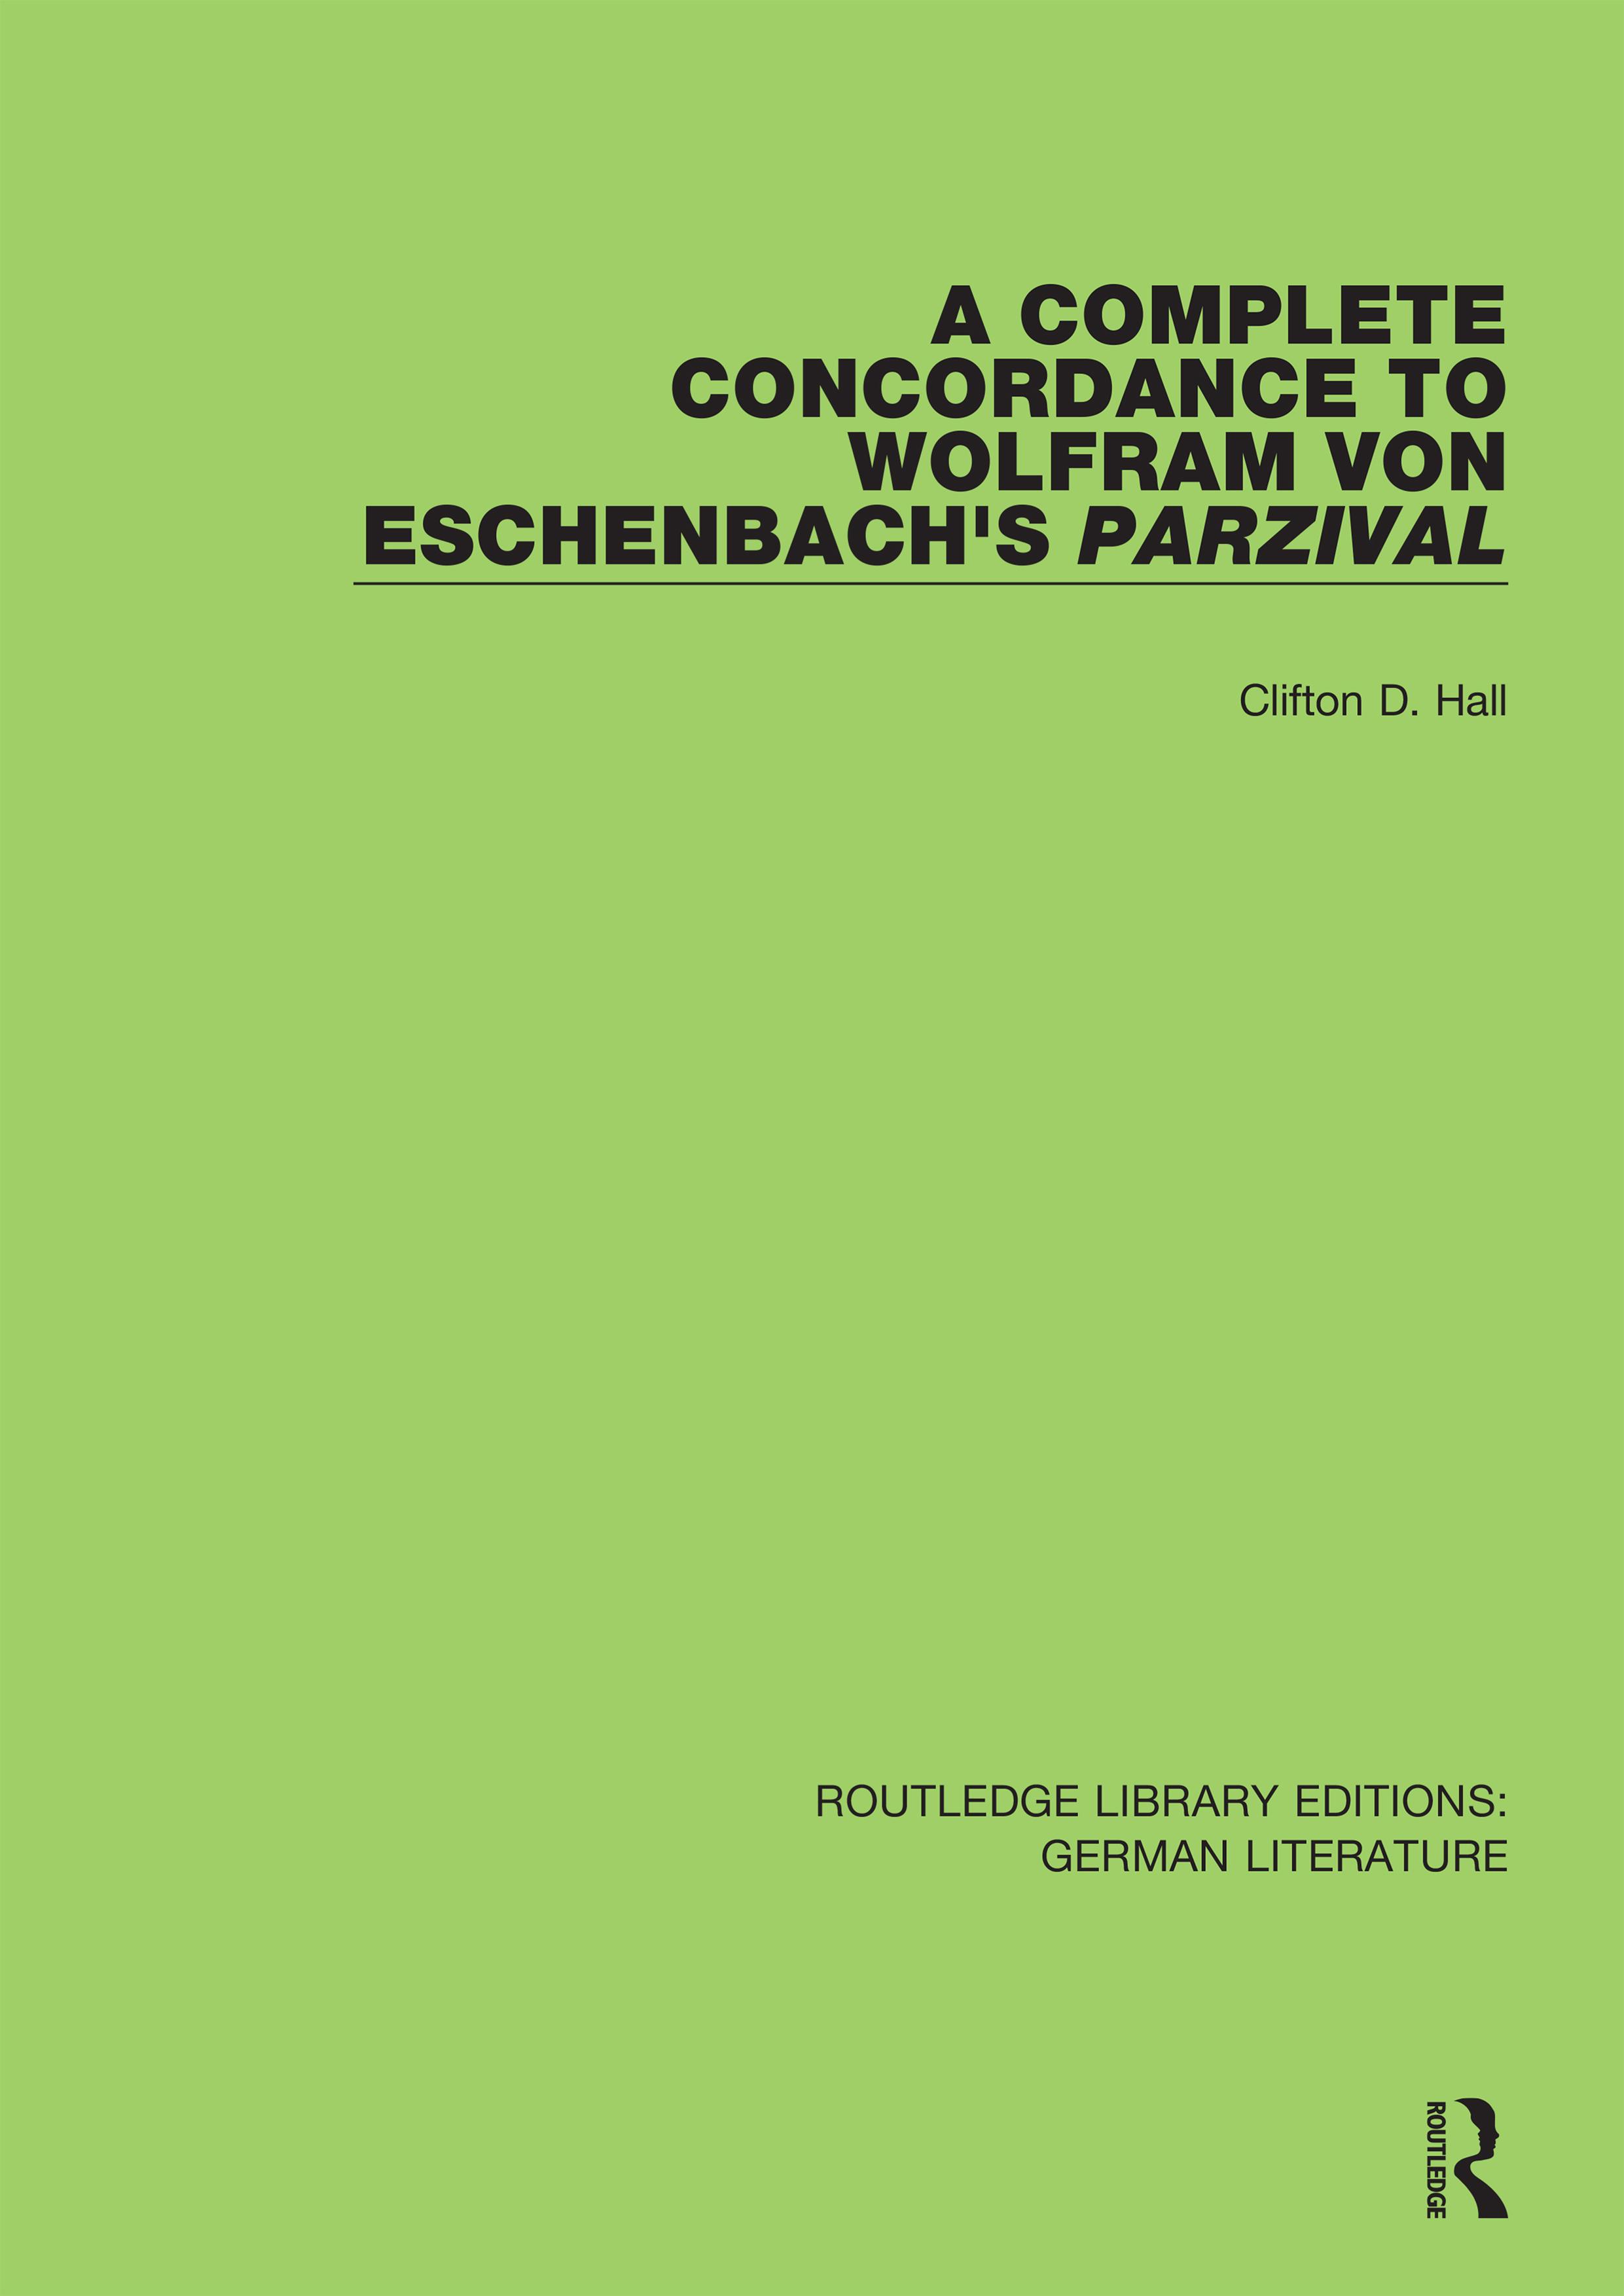 A Complete Concordance to Wolfram von Eschenbach's Parzival